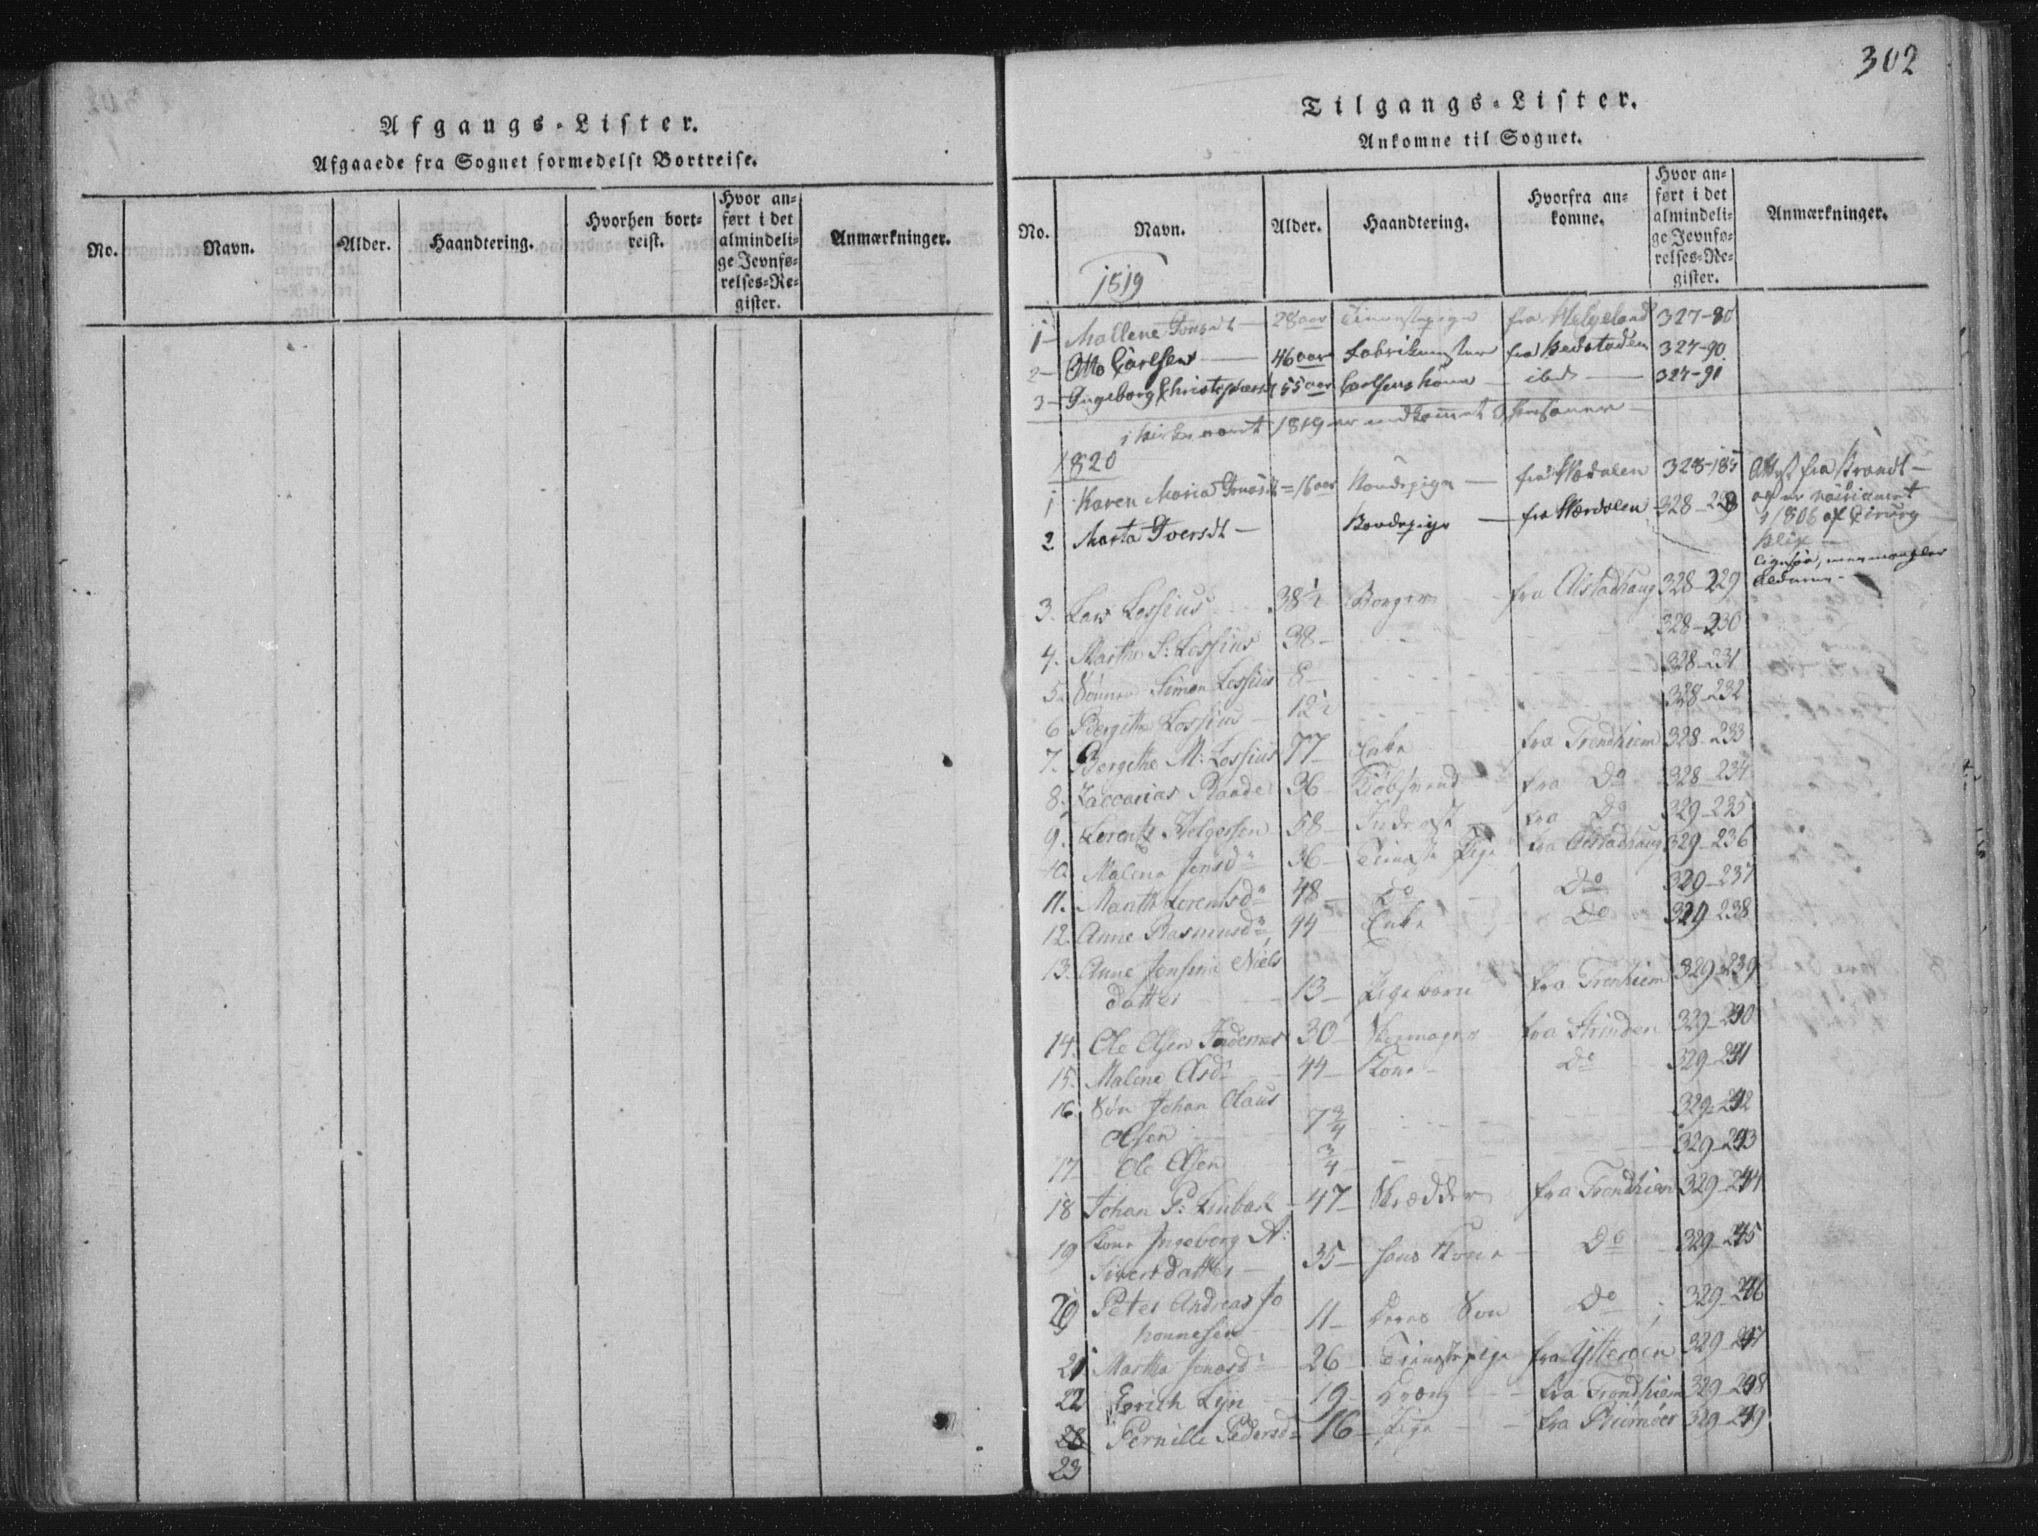 SAT, Ministerialprotokoller, klokkerbøker og fødselsregistre - Nord-Trøndelag, 773/L0609: Ministerialbok nr. 773A03 /1, 1815-1830, s. 302